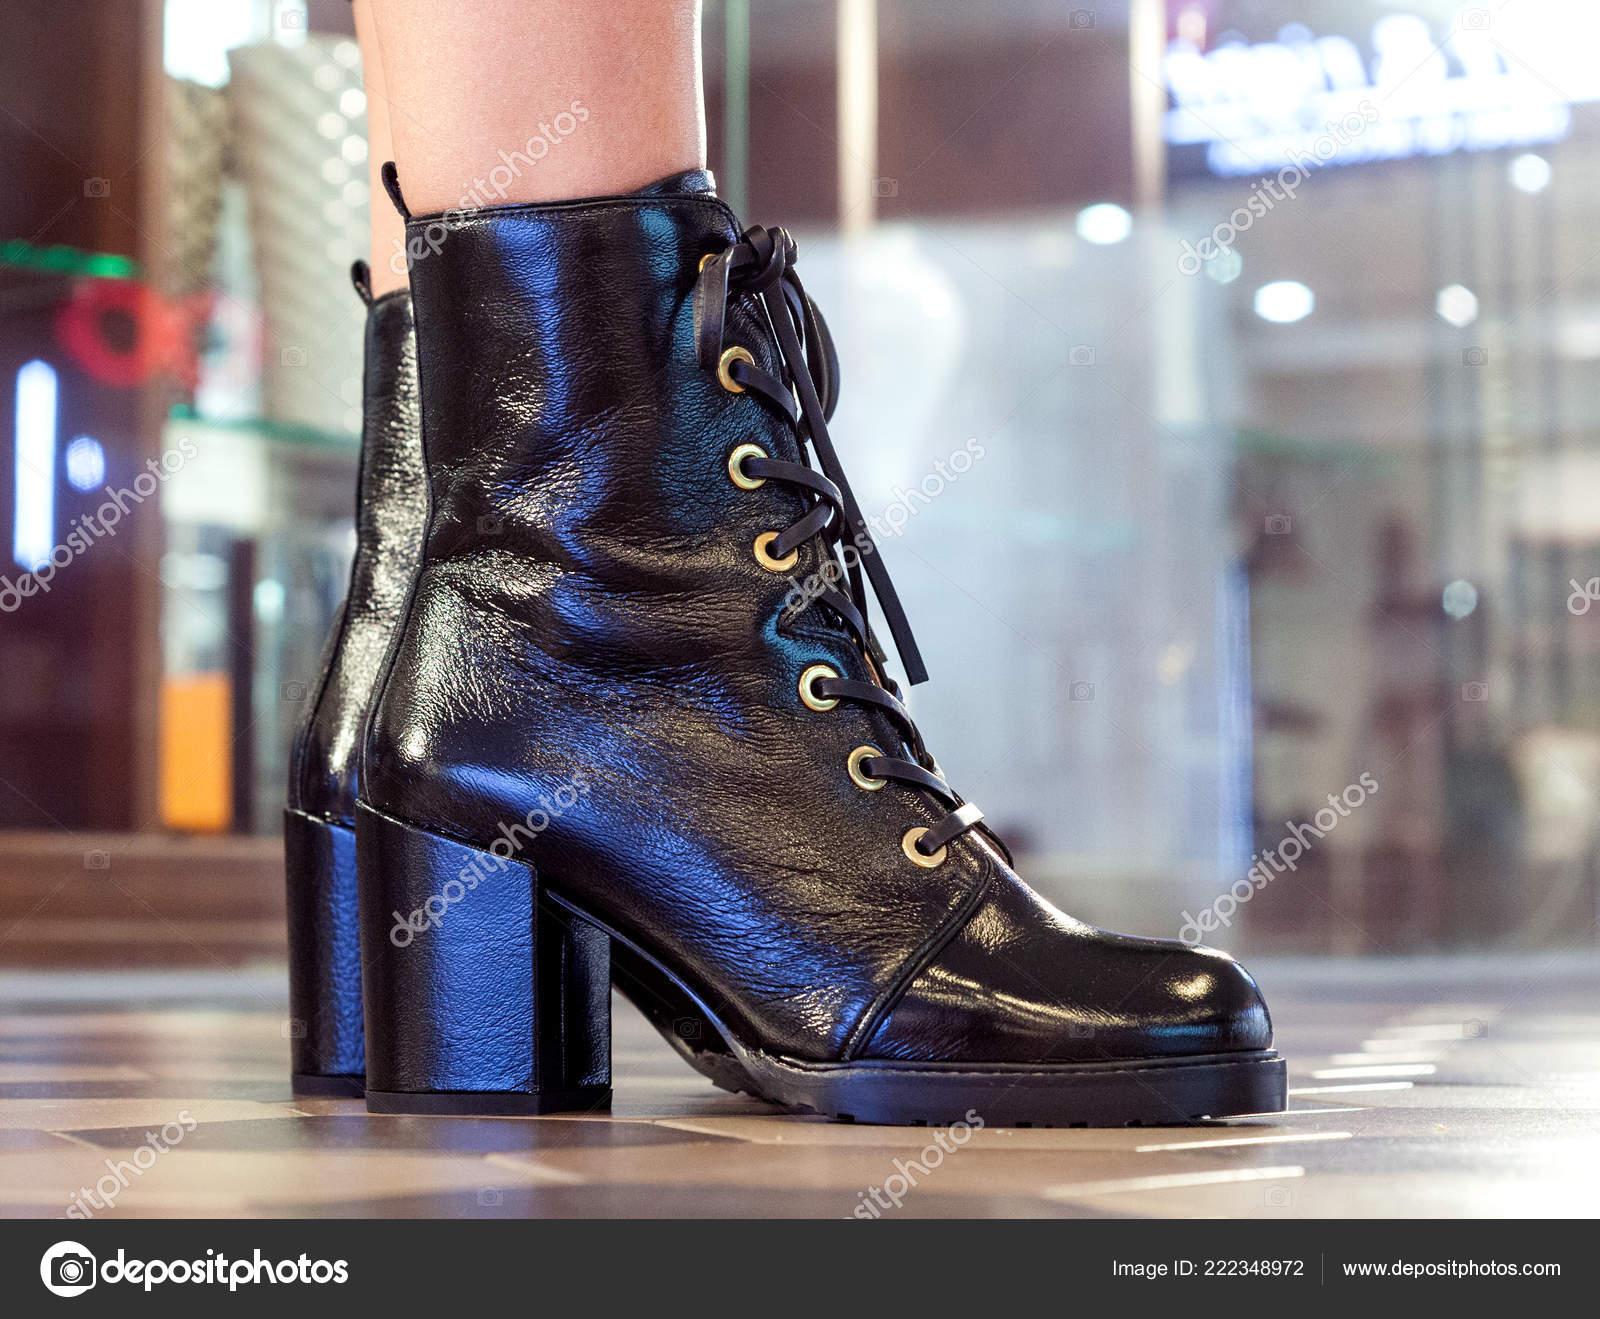 822c5182d76 Γυναικείες Μπότες Μποτάκια Κοντινό Πλάνο Λεπτή Γυναικεία Πόδια ...